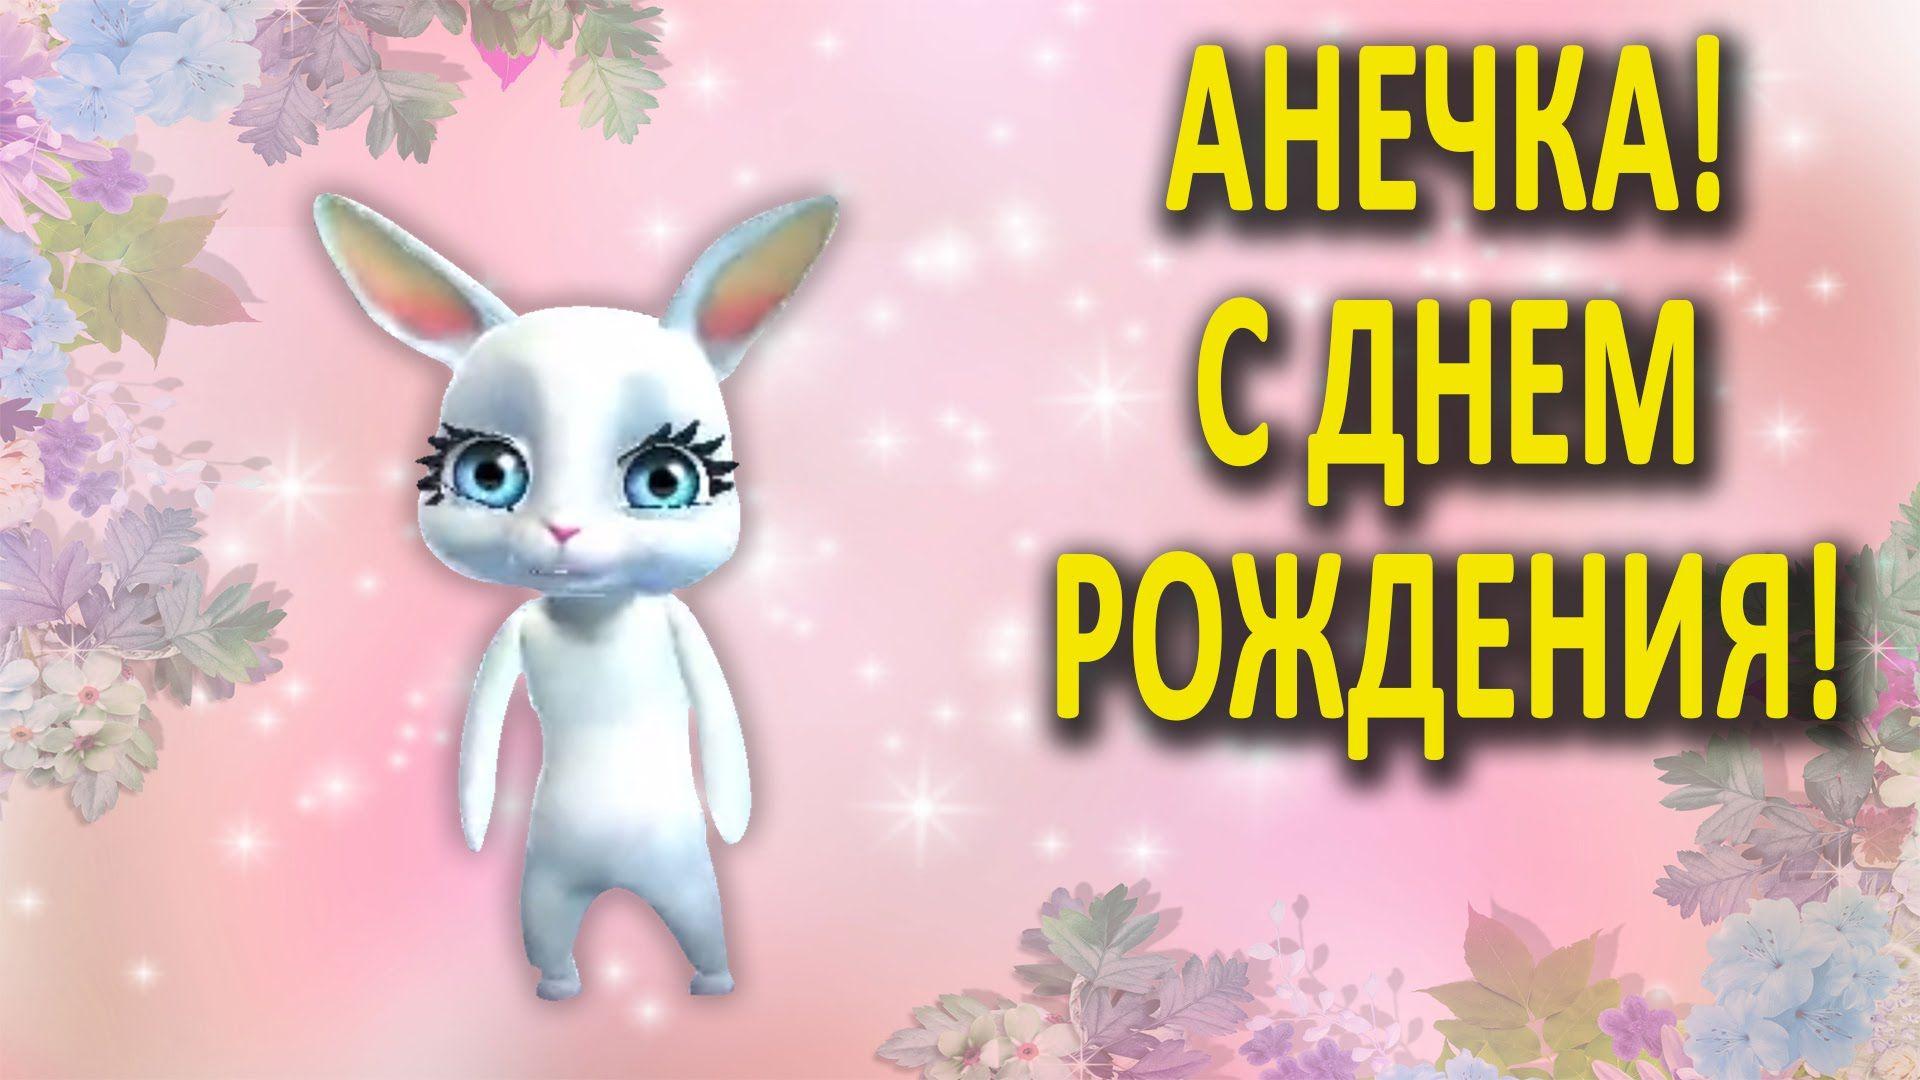 Пивоварова, видео открытка поздравление с днем рождения анна